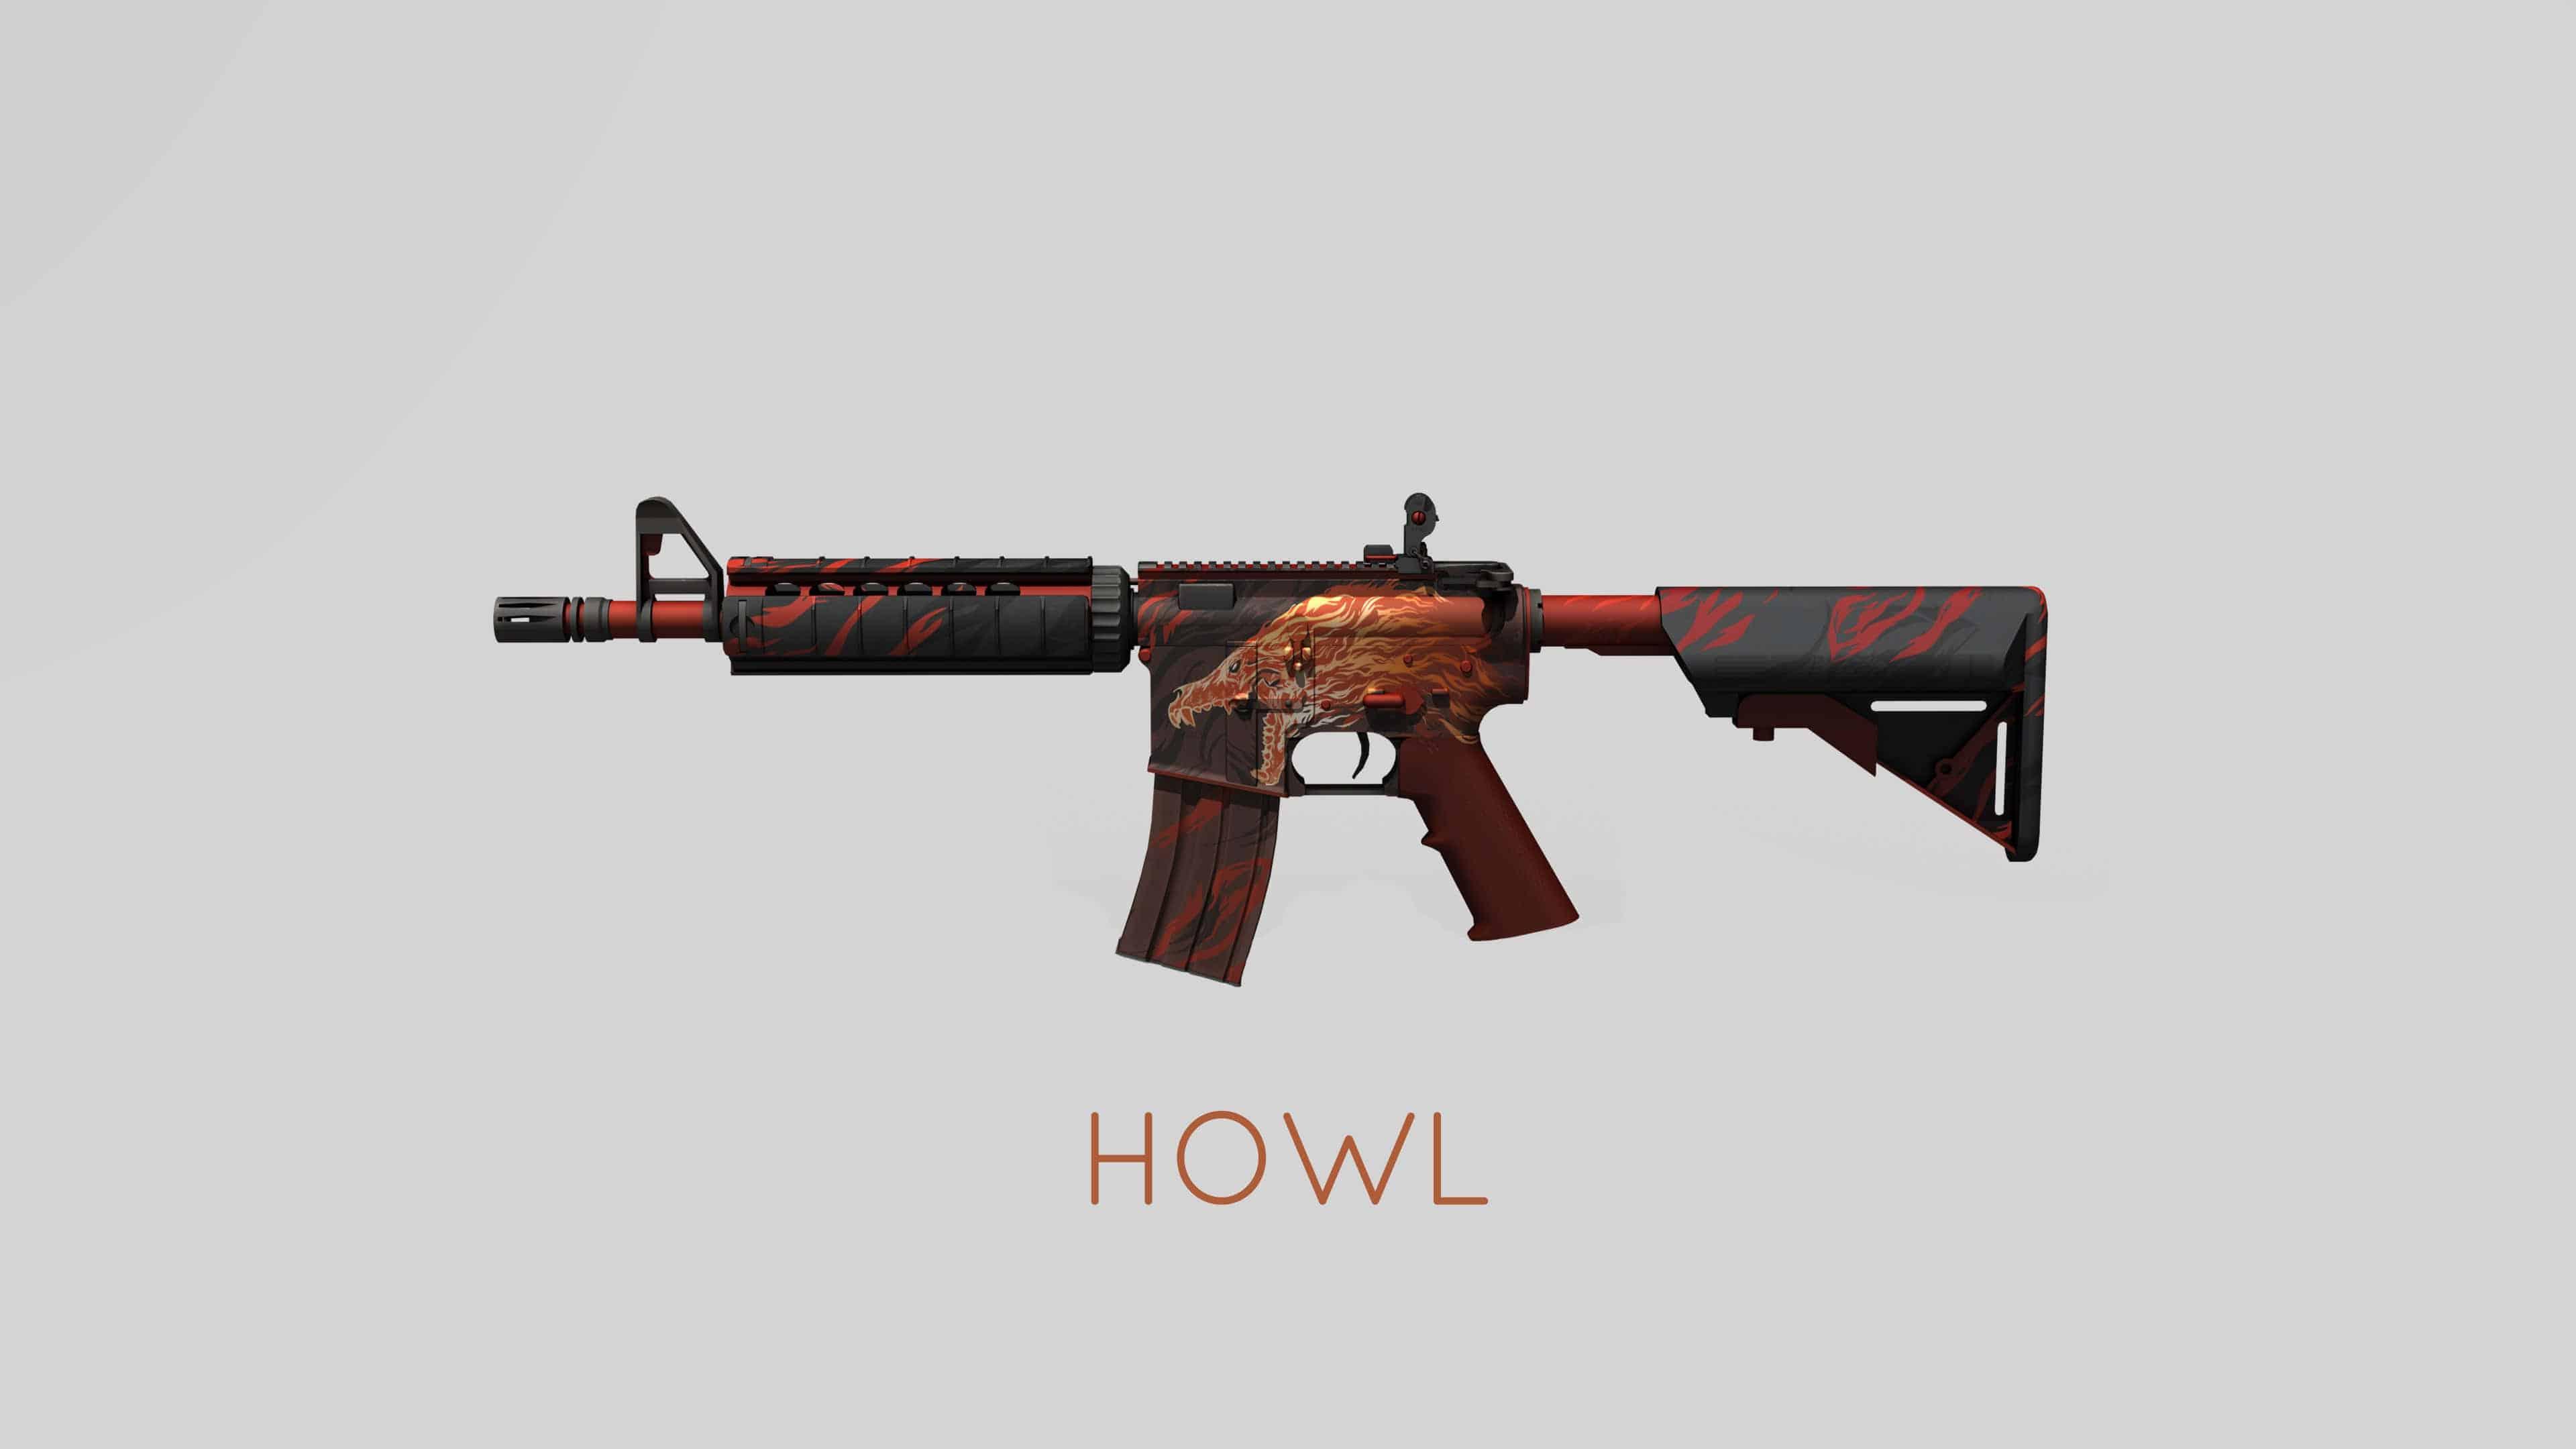 cs go m4a4 howl skin uhd 4k wallpaper